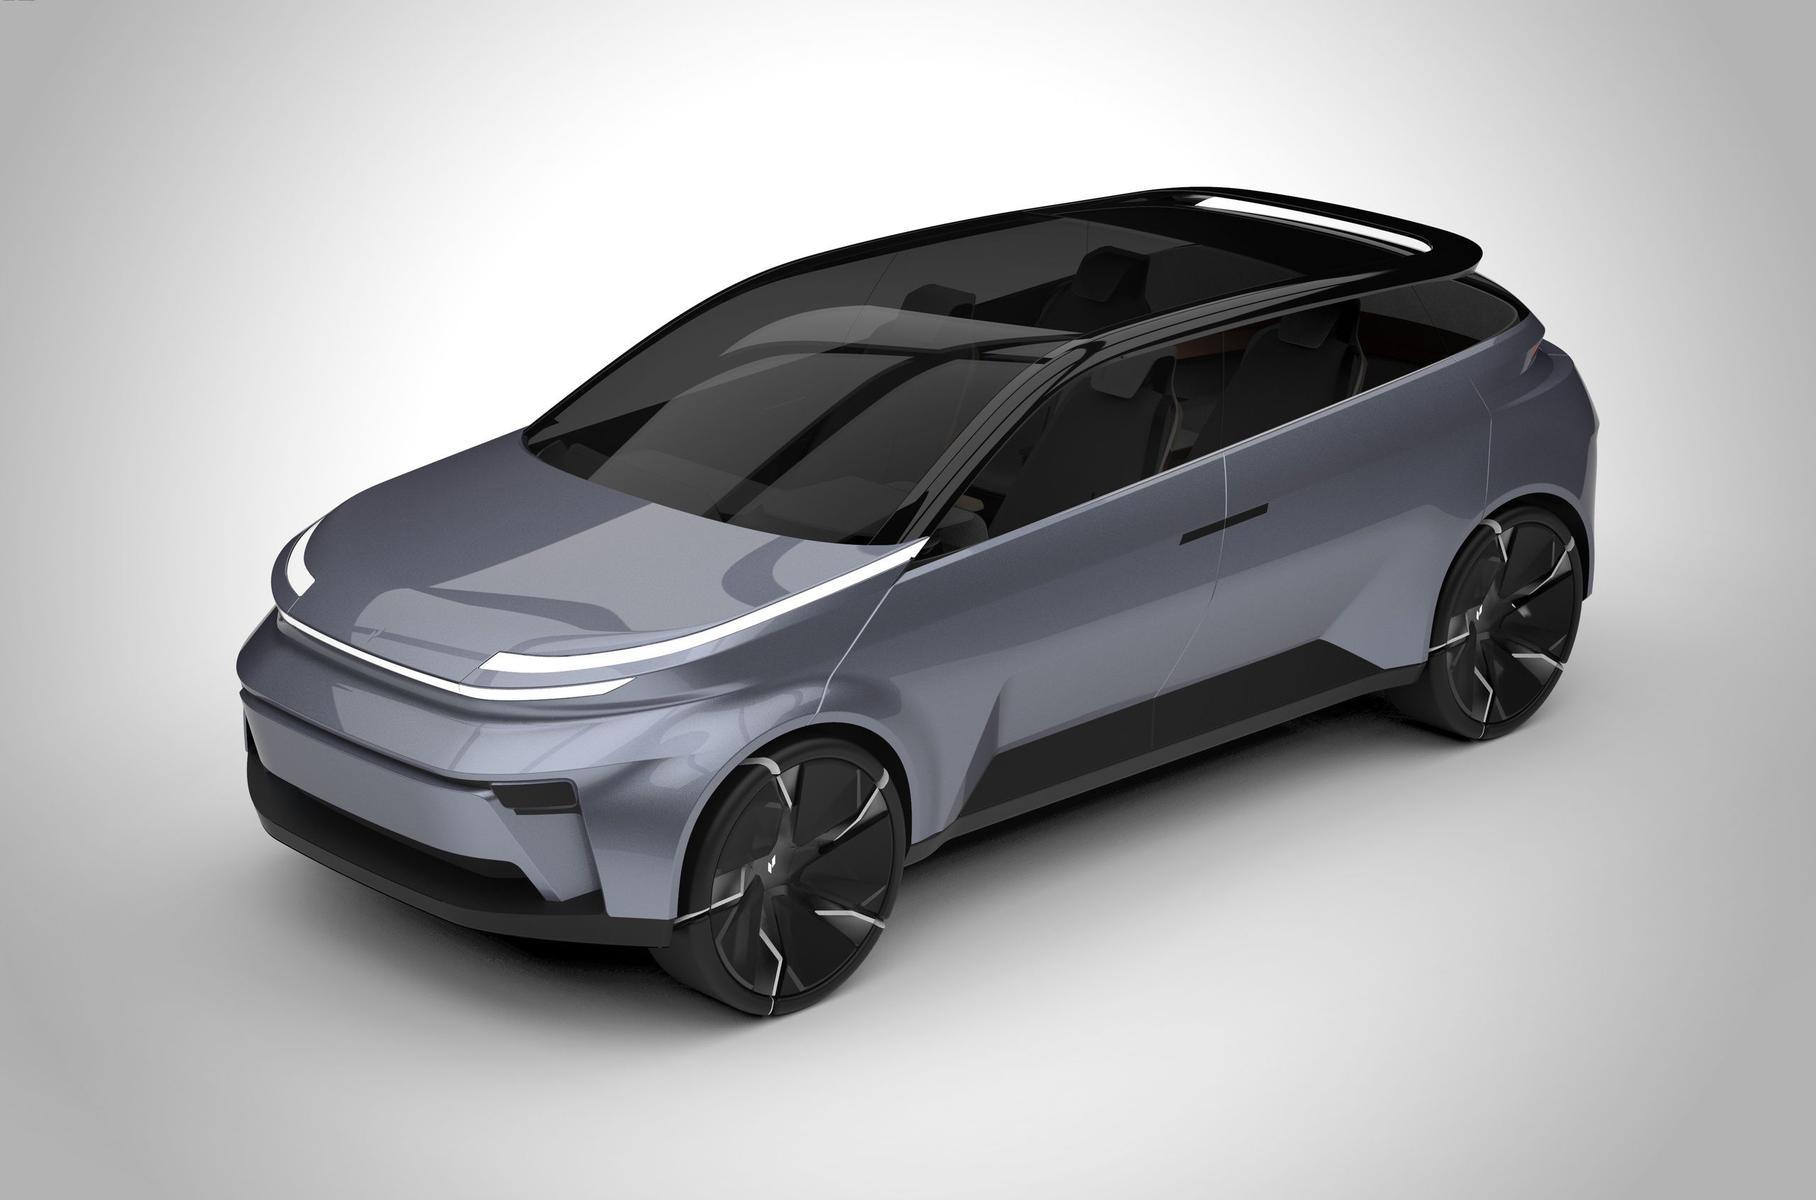 В сети появились изображения электрического автомобиля, разработанного в Канаде. Проект пока проходит под именем Project Arrow Concept, а его разработку курирует команда исследователей при Карлтонском университете.